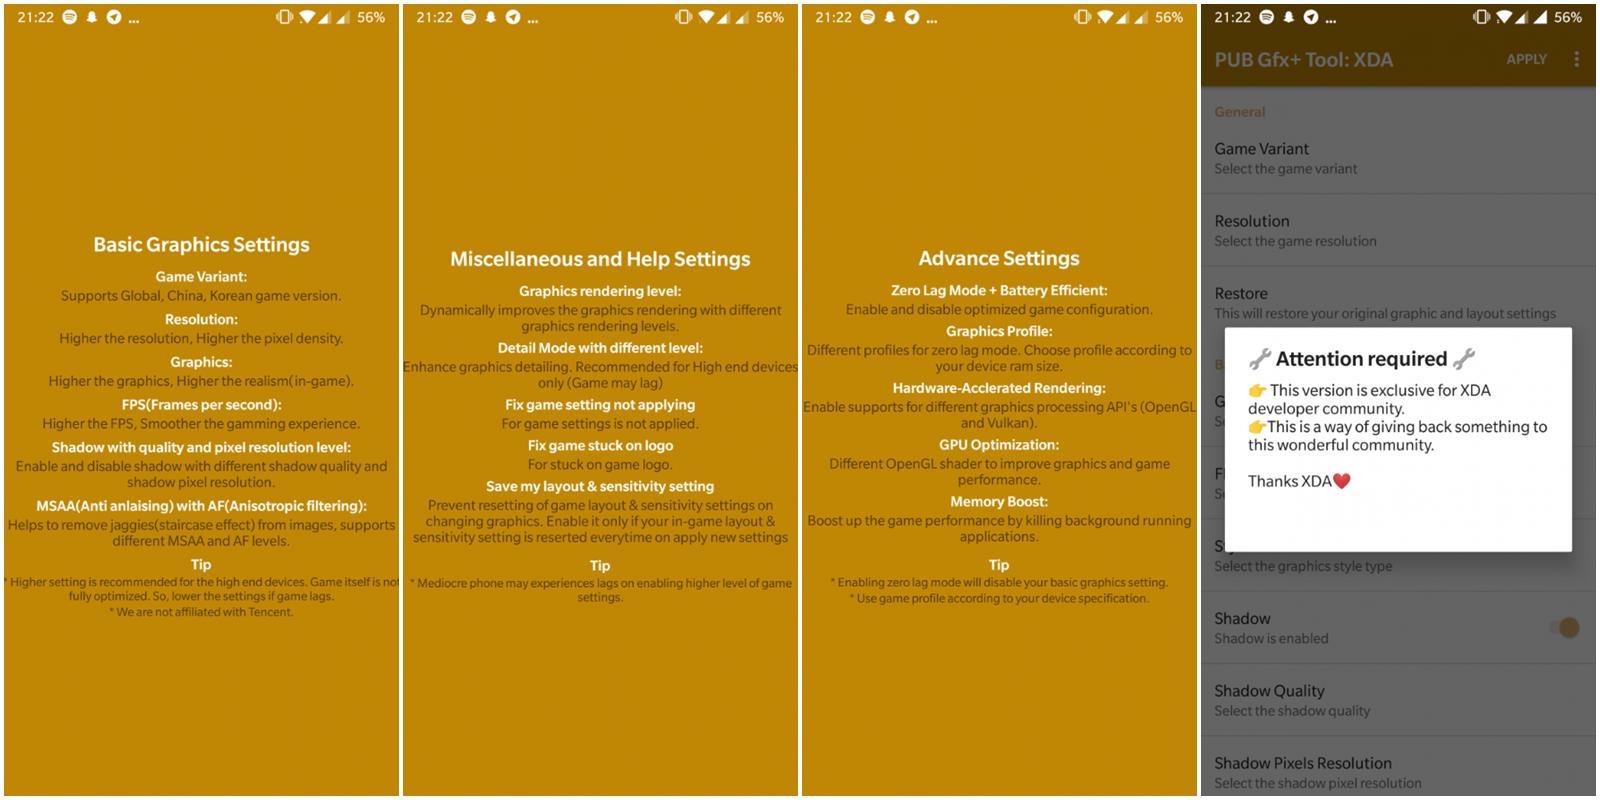 PUB Gfx+ tool best settings screenshots